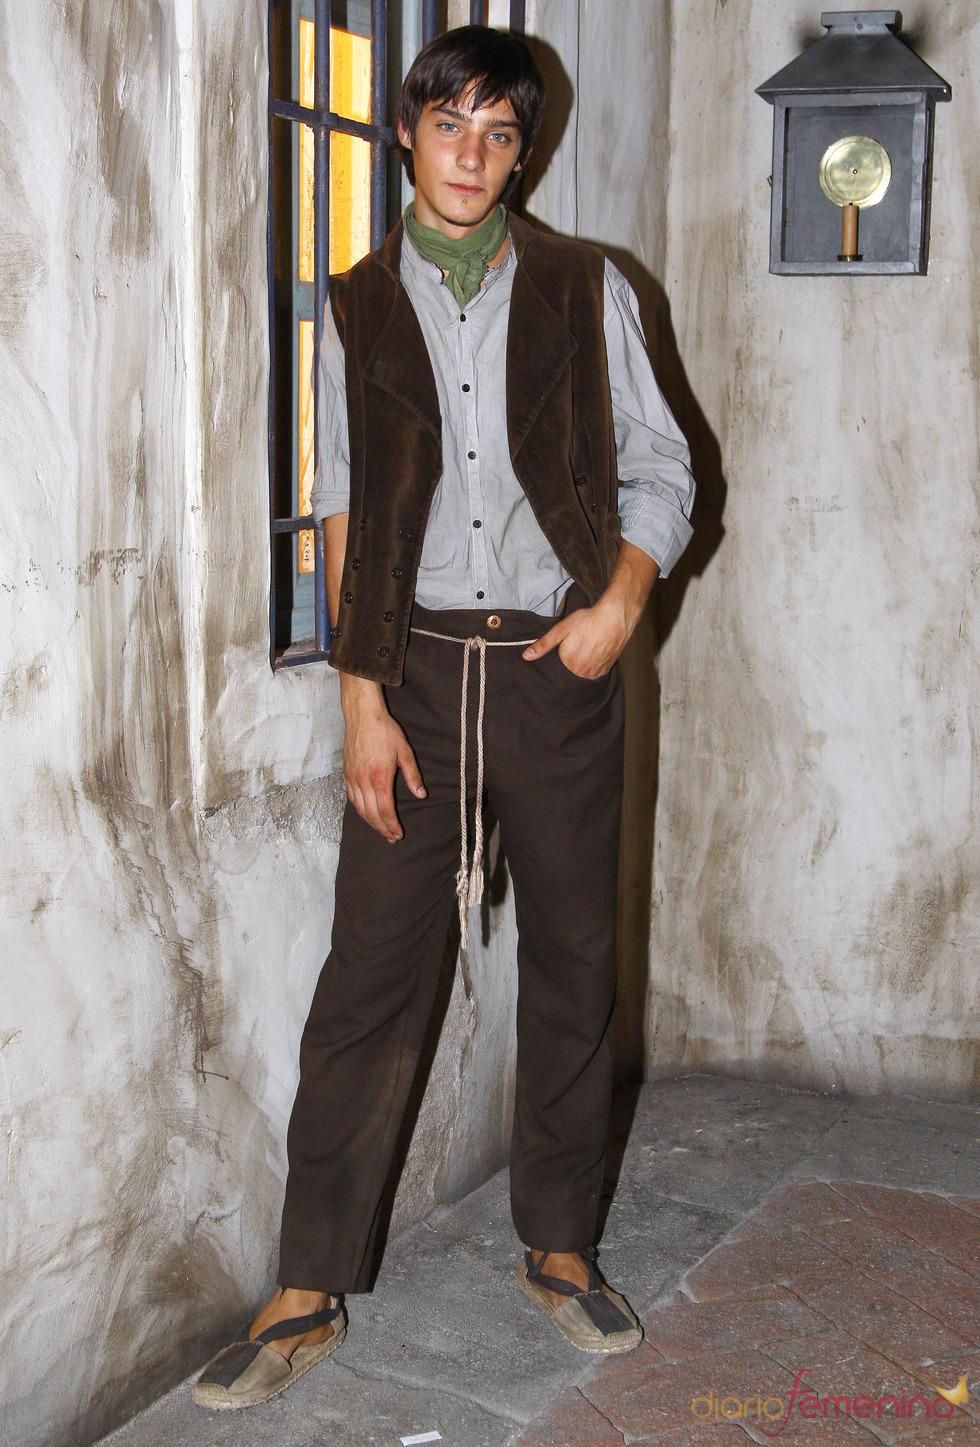 El actor de 'Tierra de lobos' Joel Bosqued, ¿sale con Andrea Duro?